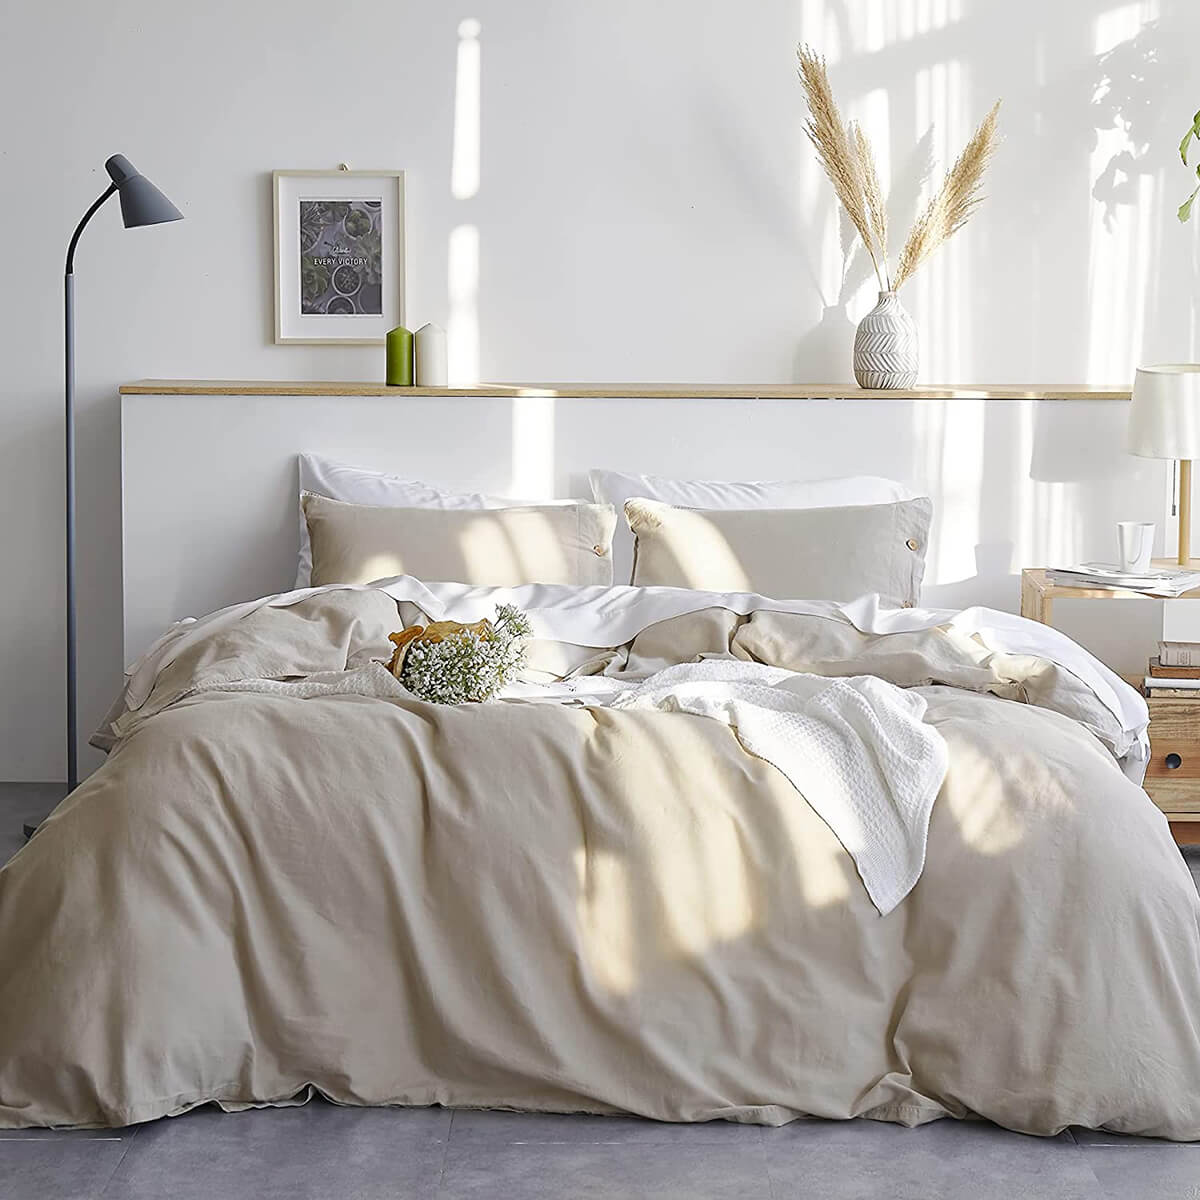 Bedsure Cotton and Linen Duvet Bedding Set